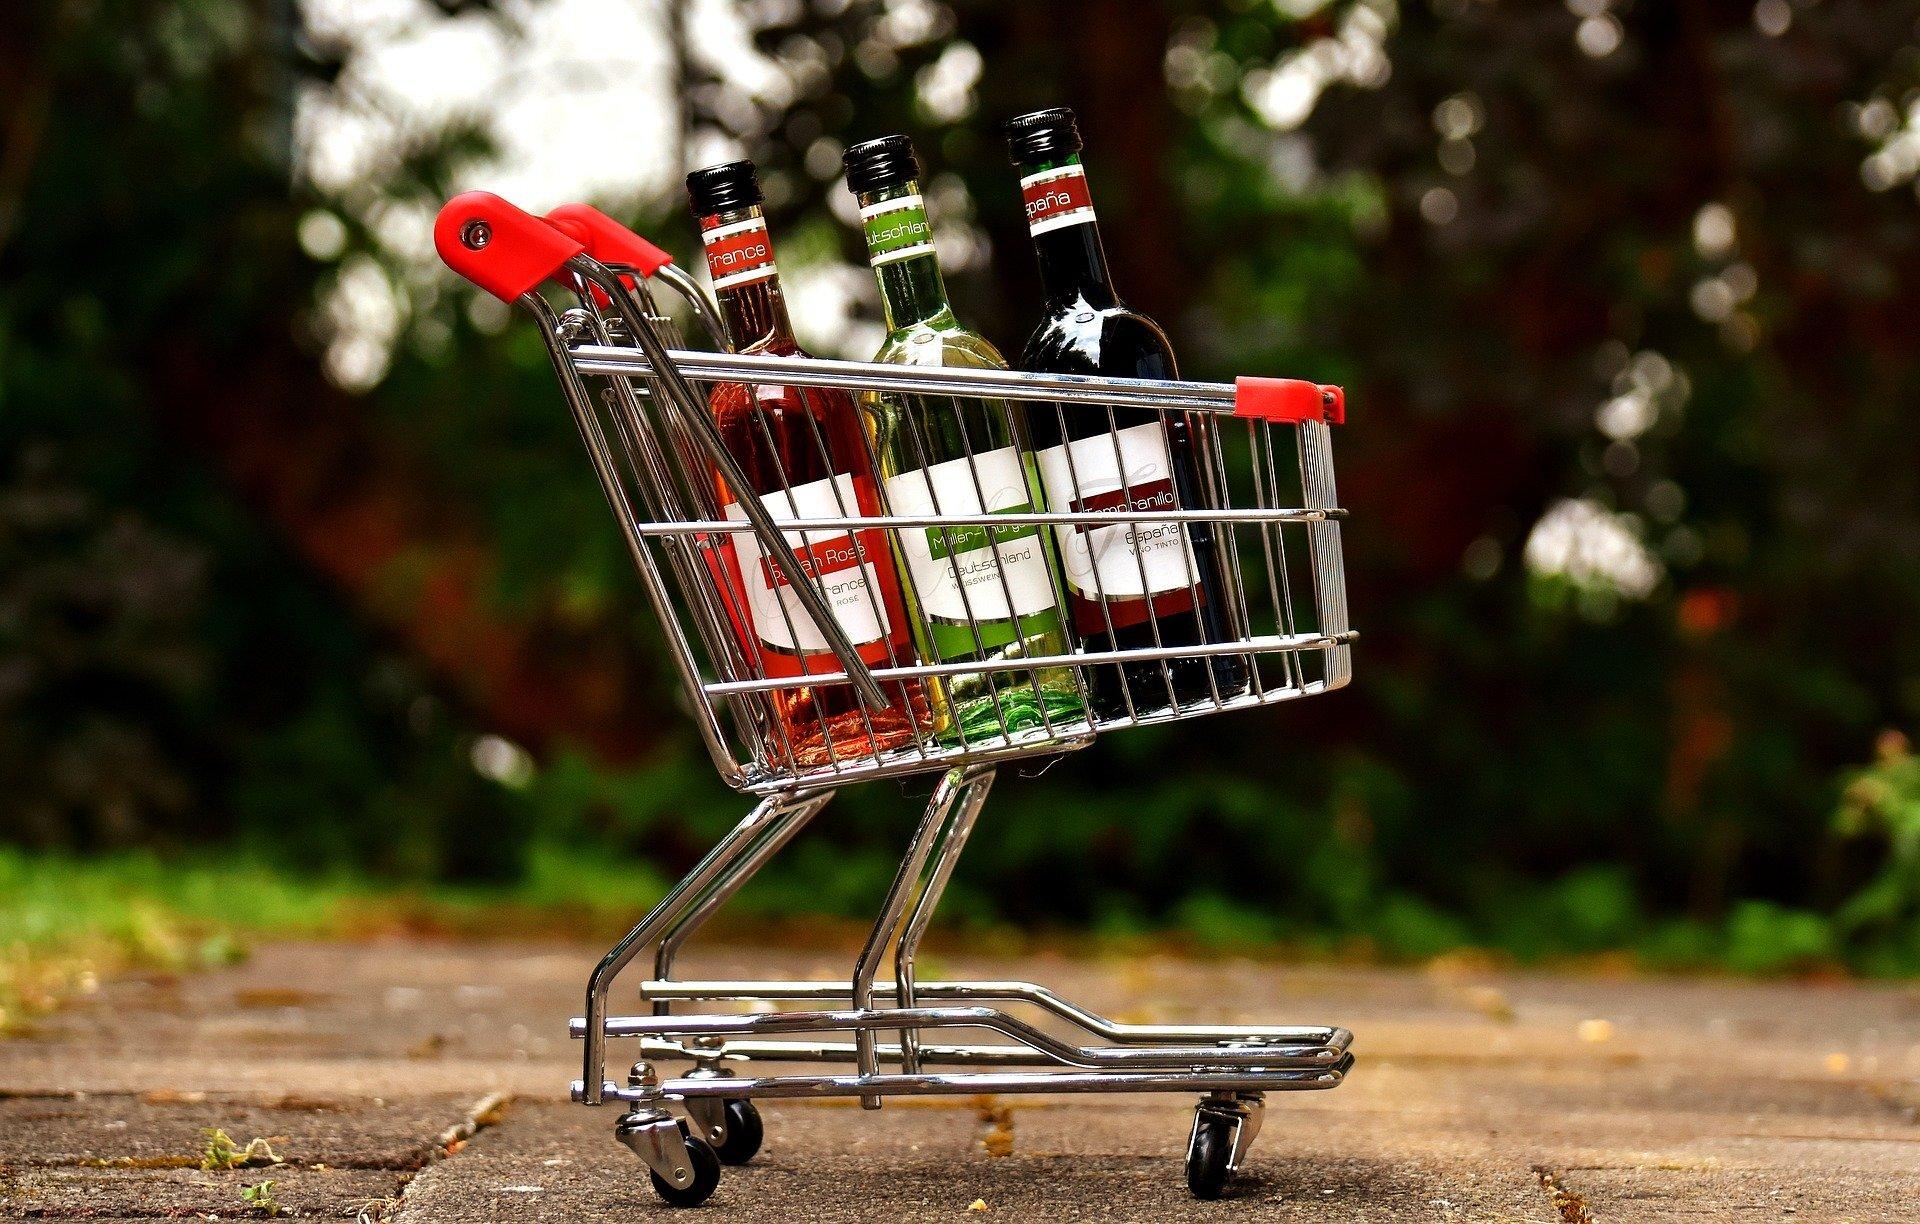 Consumer goods: a way forward? (Alexas_Photos on Pixabay)